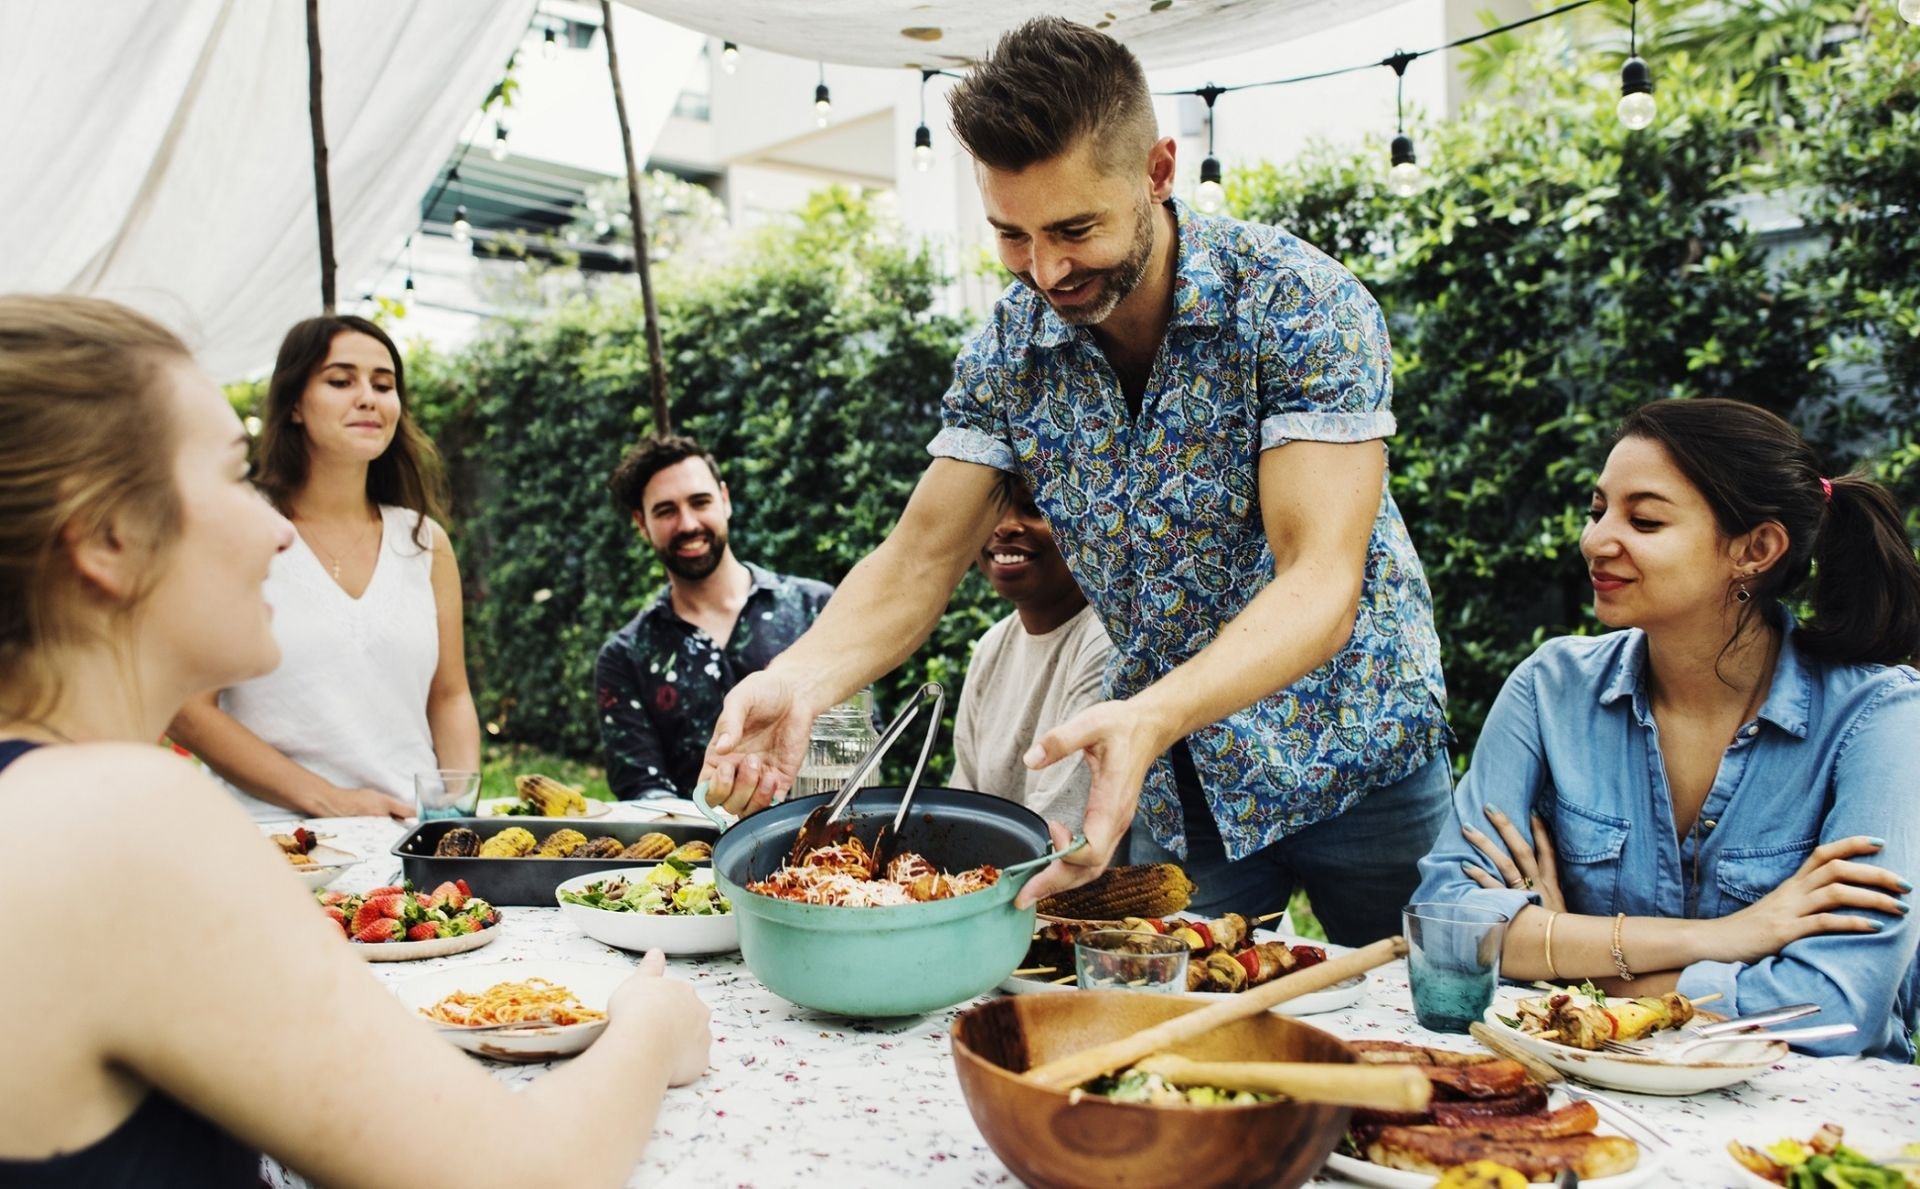 ¡Conoce los mejores platos de verano con productos de temporada!